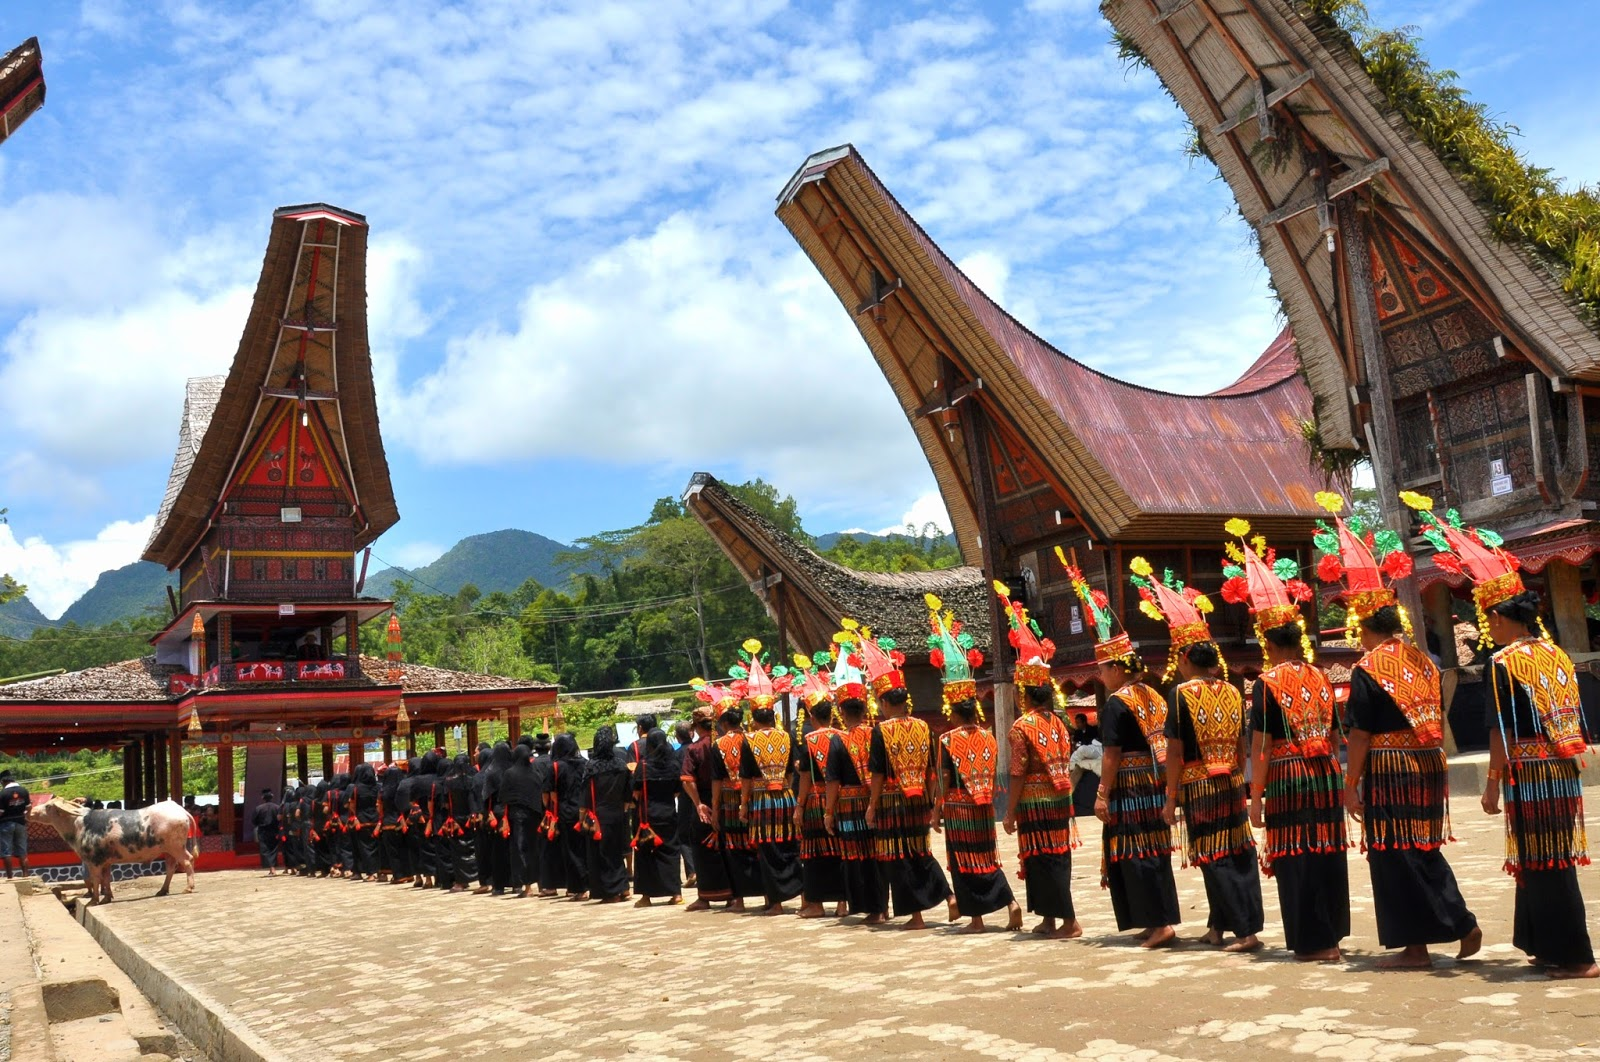 Pembagian Daerah Adat Dan Fungsi Pemimpin Adat Suku Toraja